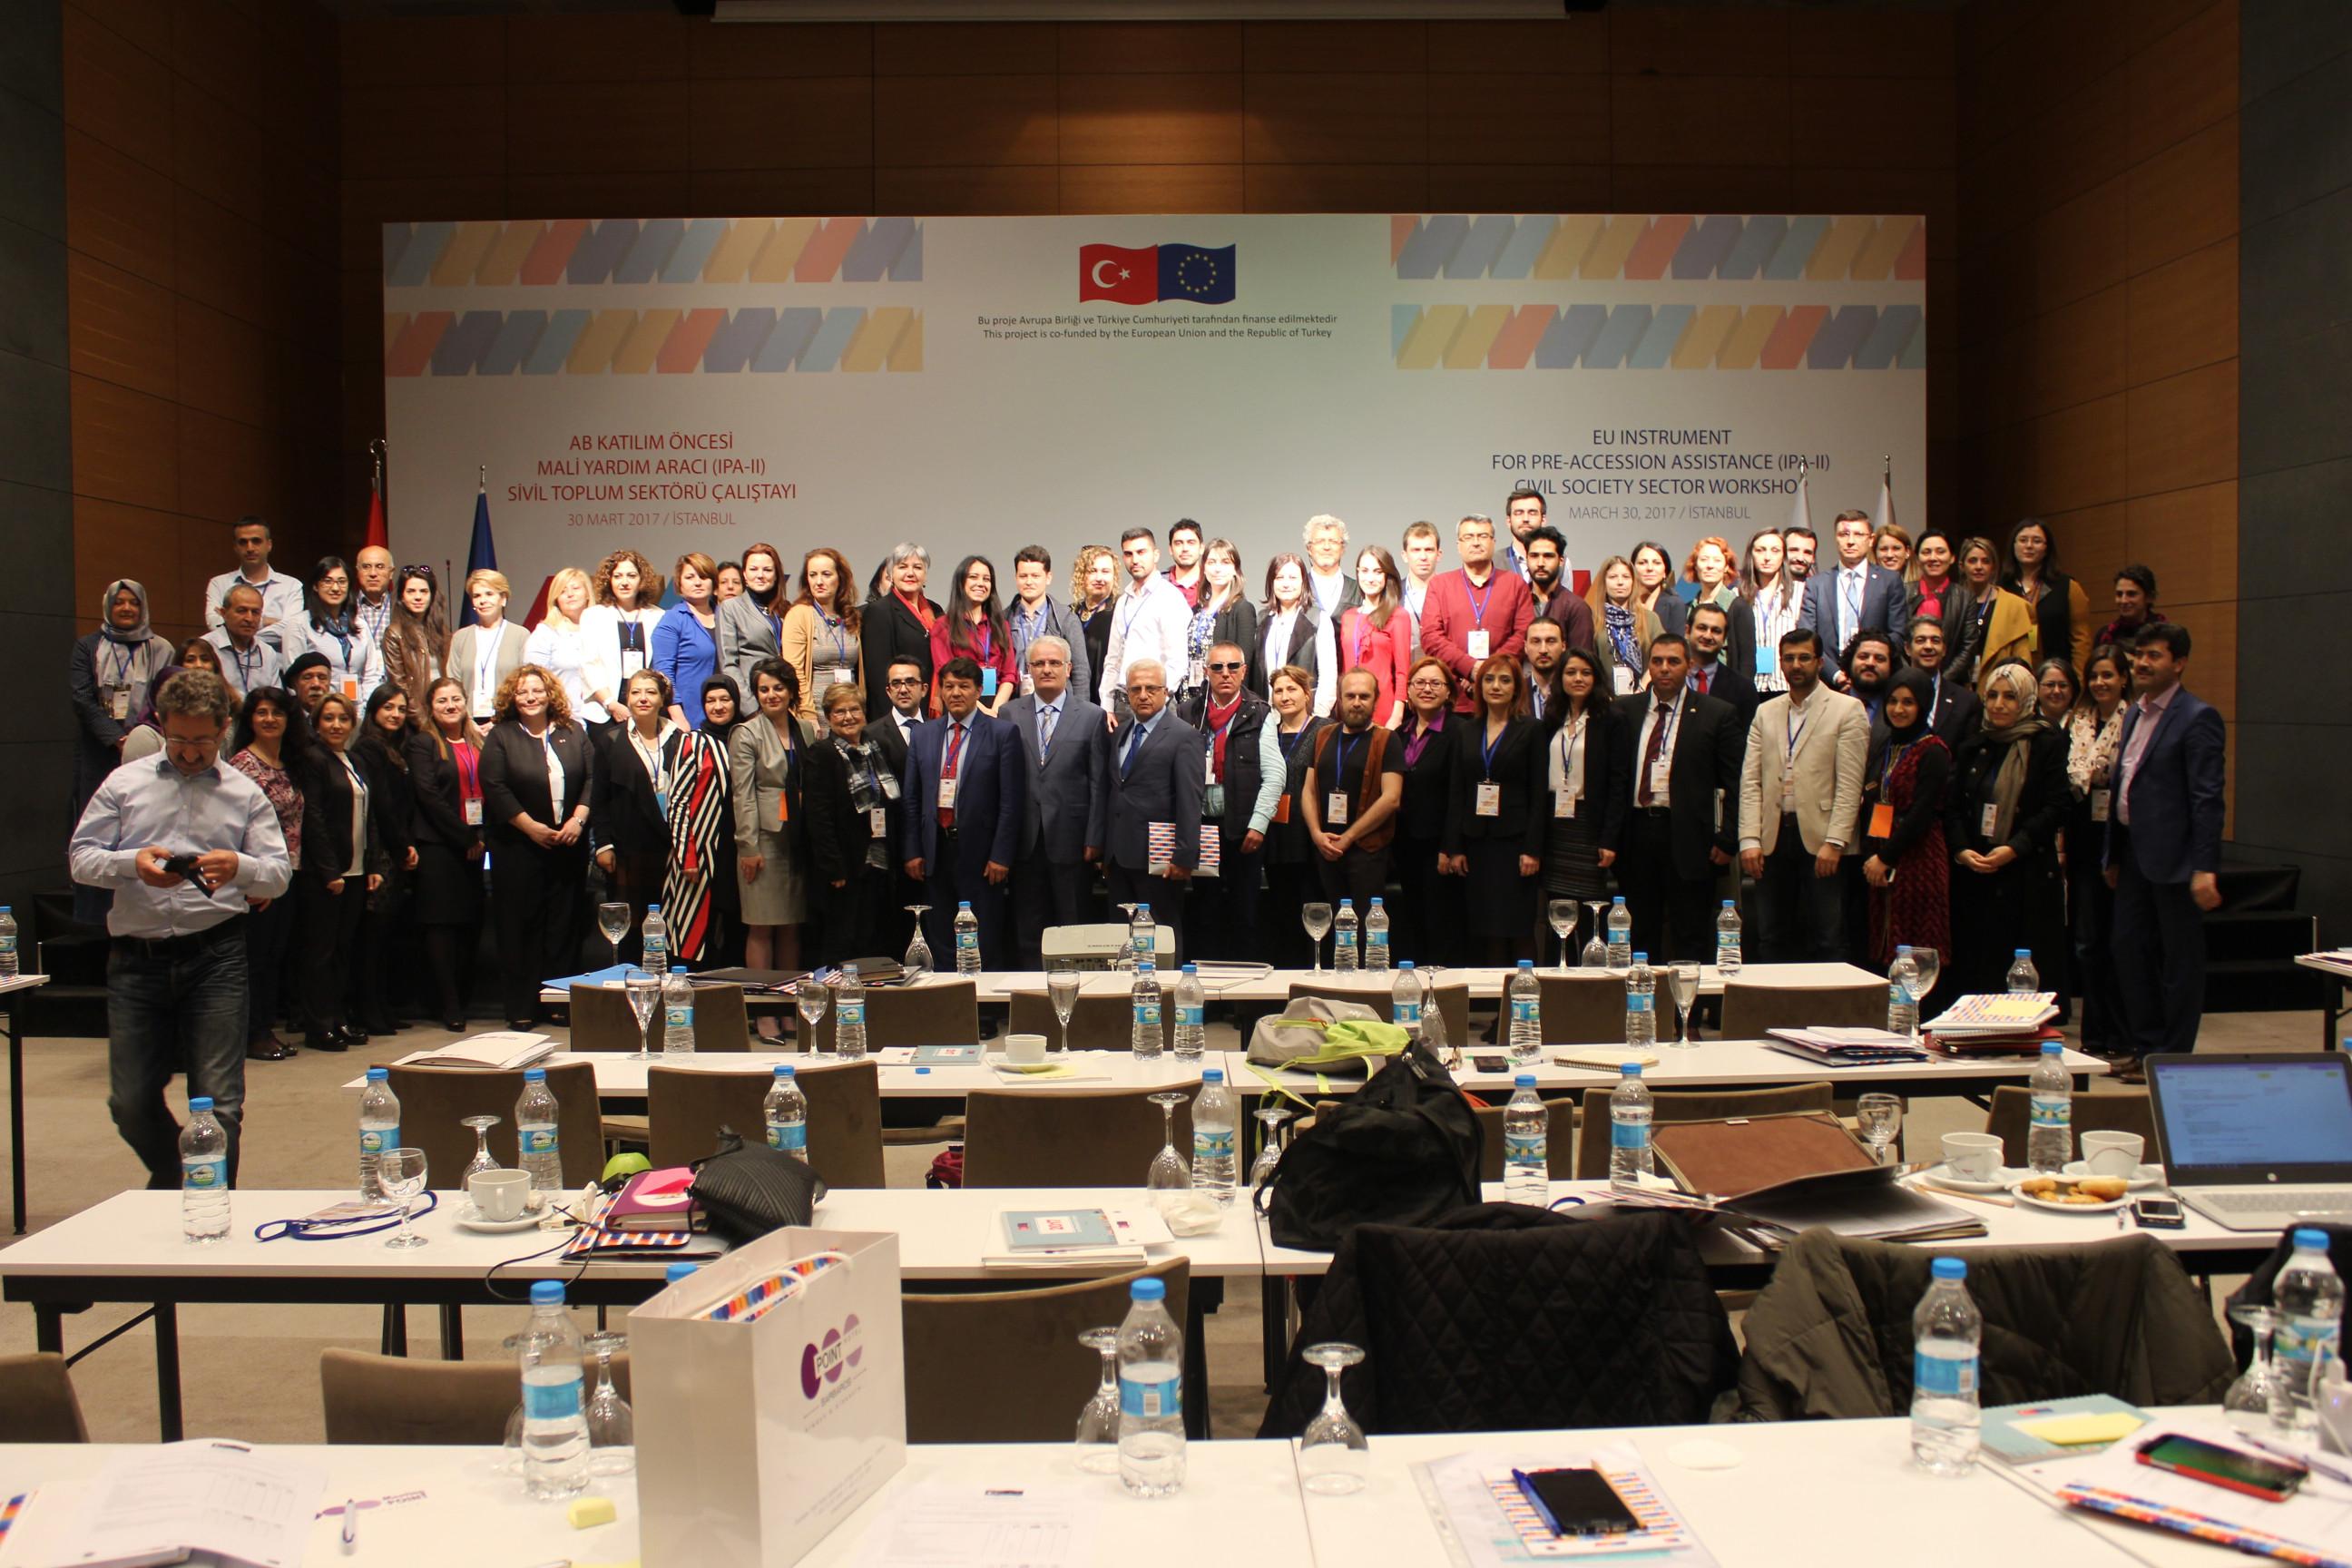 Sivil Toplum Sektörü Çalıştayı, Mart 2017, İstanbul